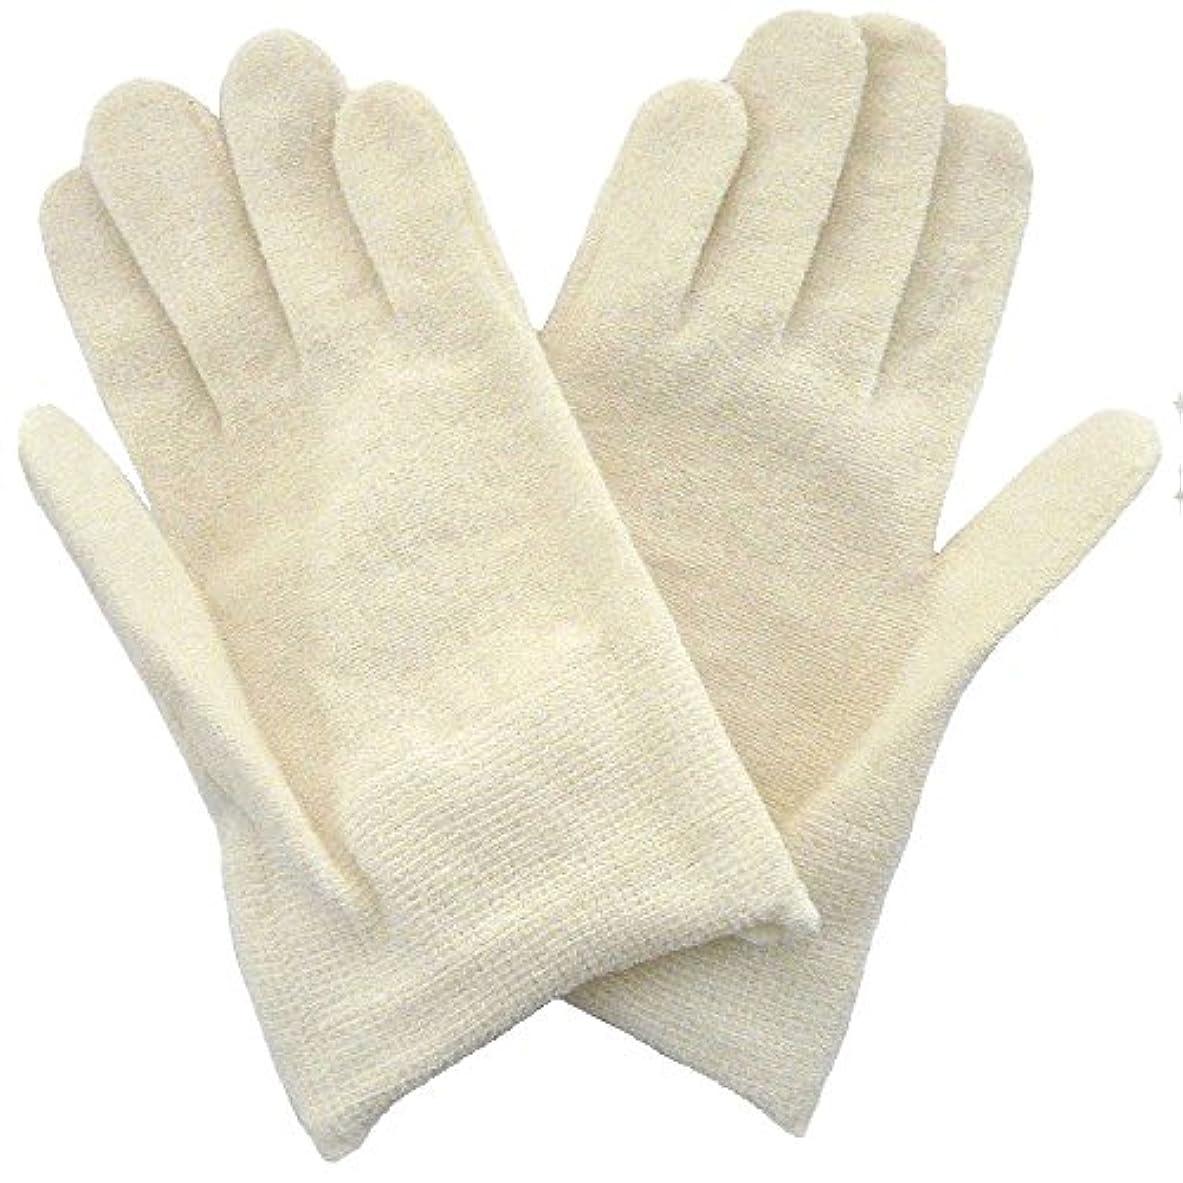 生アルミニウムコード【アトピー】【水疱瘡】【皮膚炎】 ナノミックス おやすみ手袋:キッズ用 アイボリー